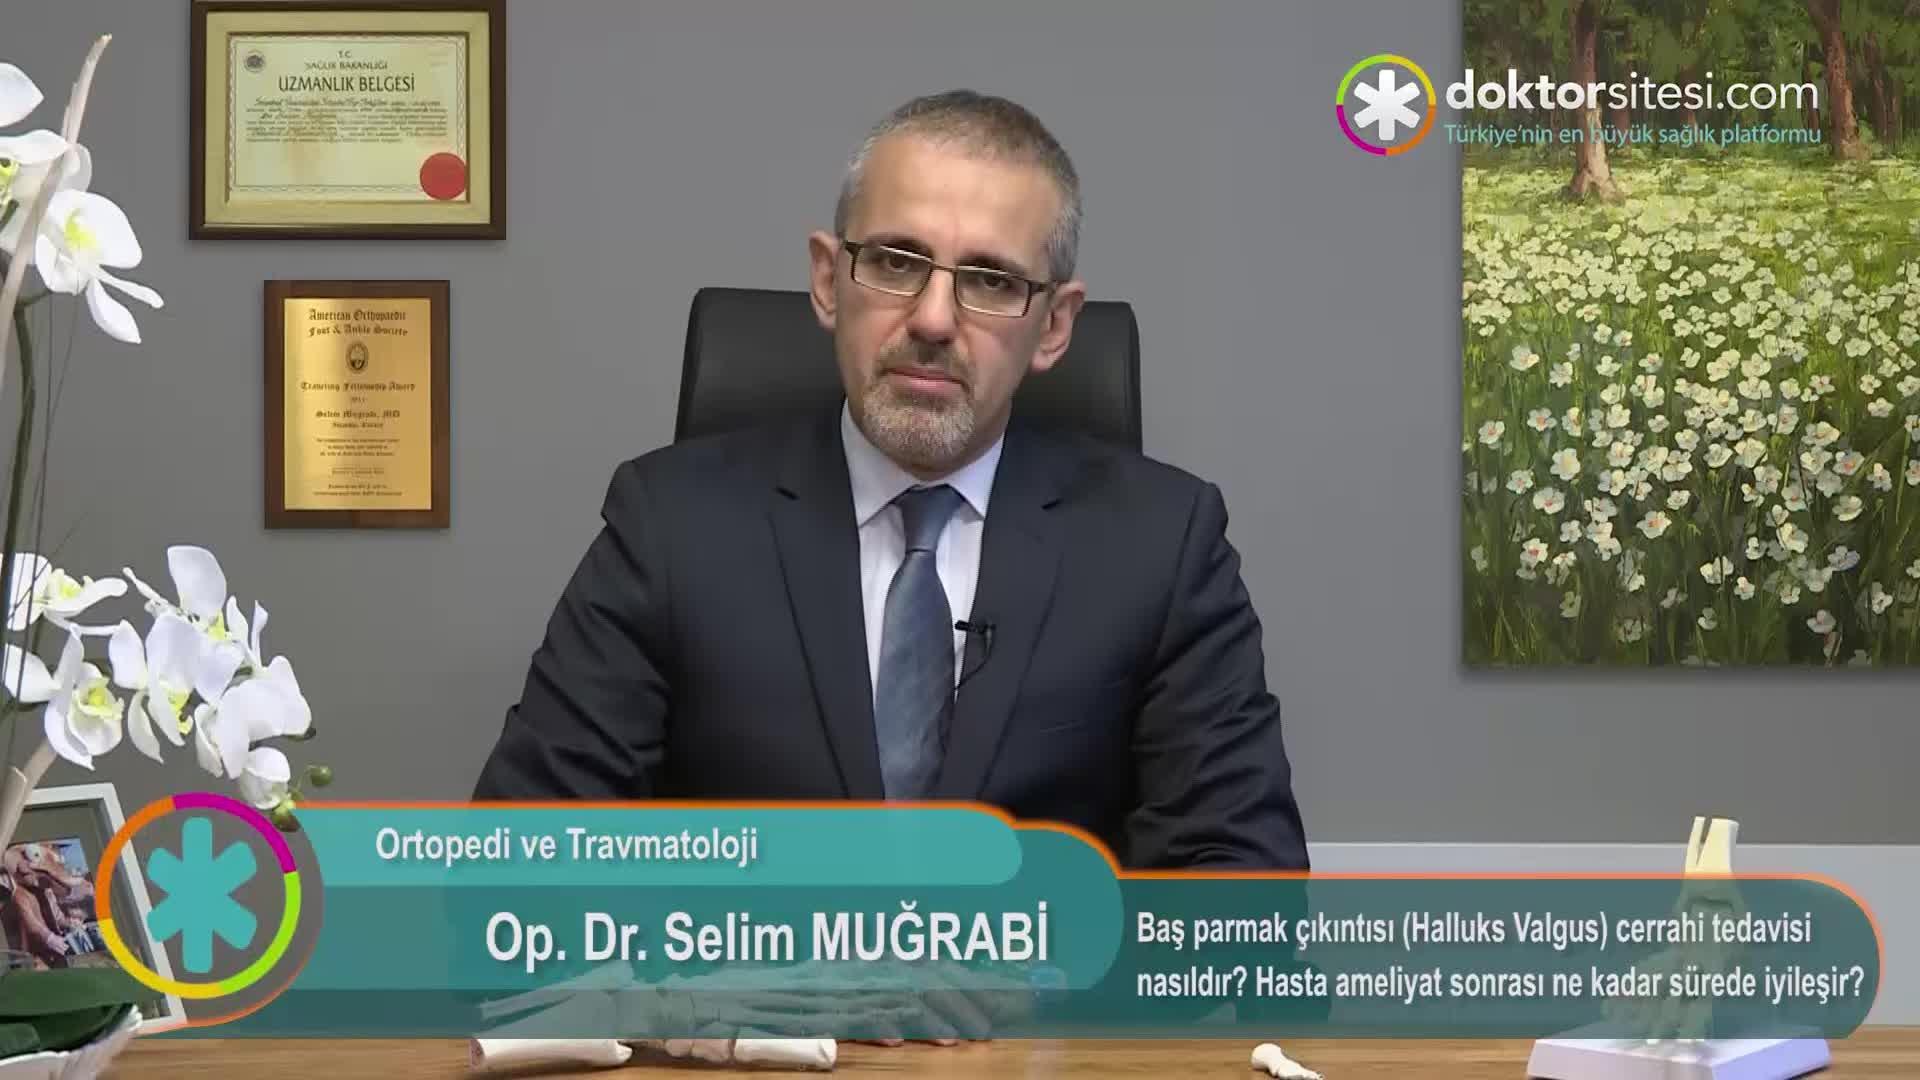 """Baş parmak çıkıntısı (Halluks Valgus) cerrahi tedavisi nasıldır? """"Op. Dr. SelimMUĞRABI"""""""